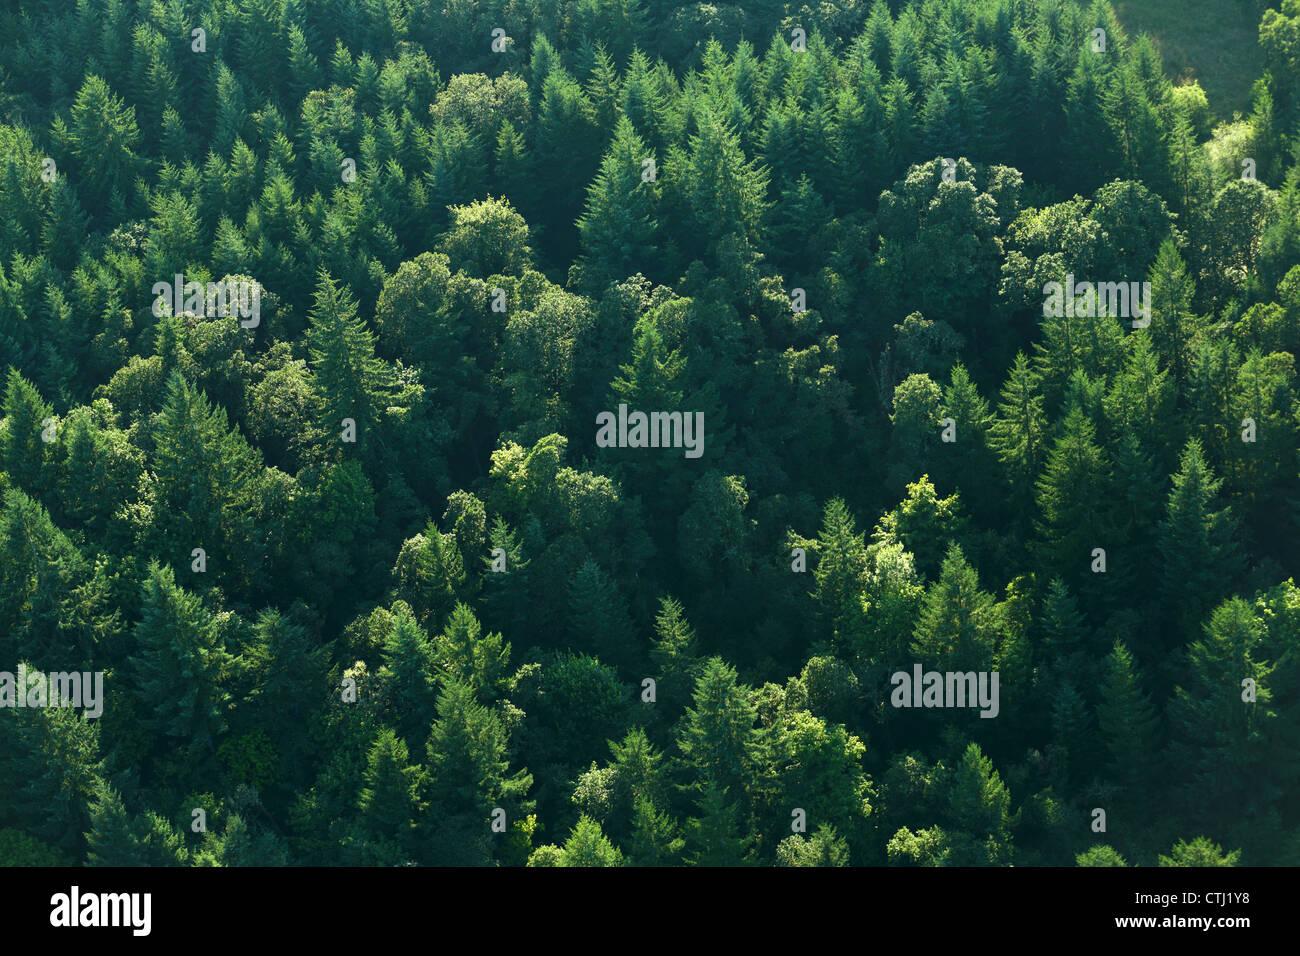 Vue aérienne de trees in forest Photo Stock